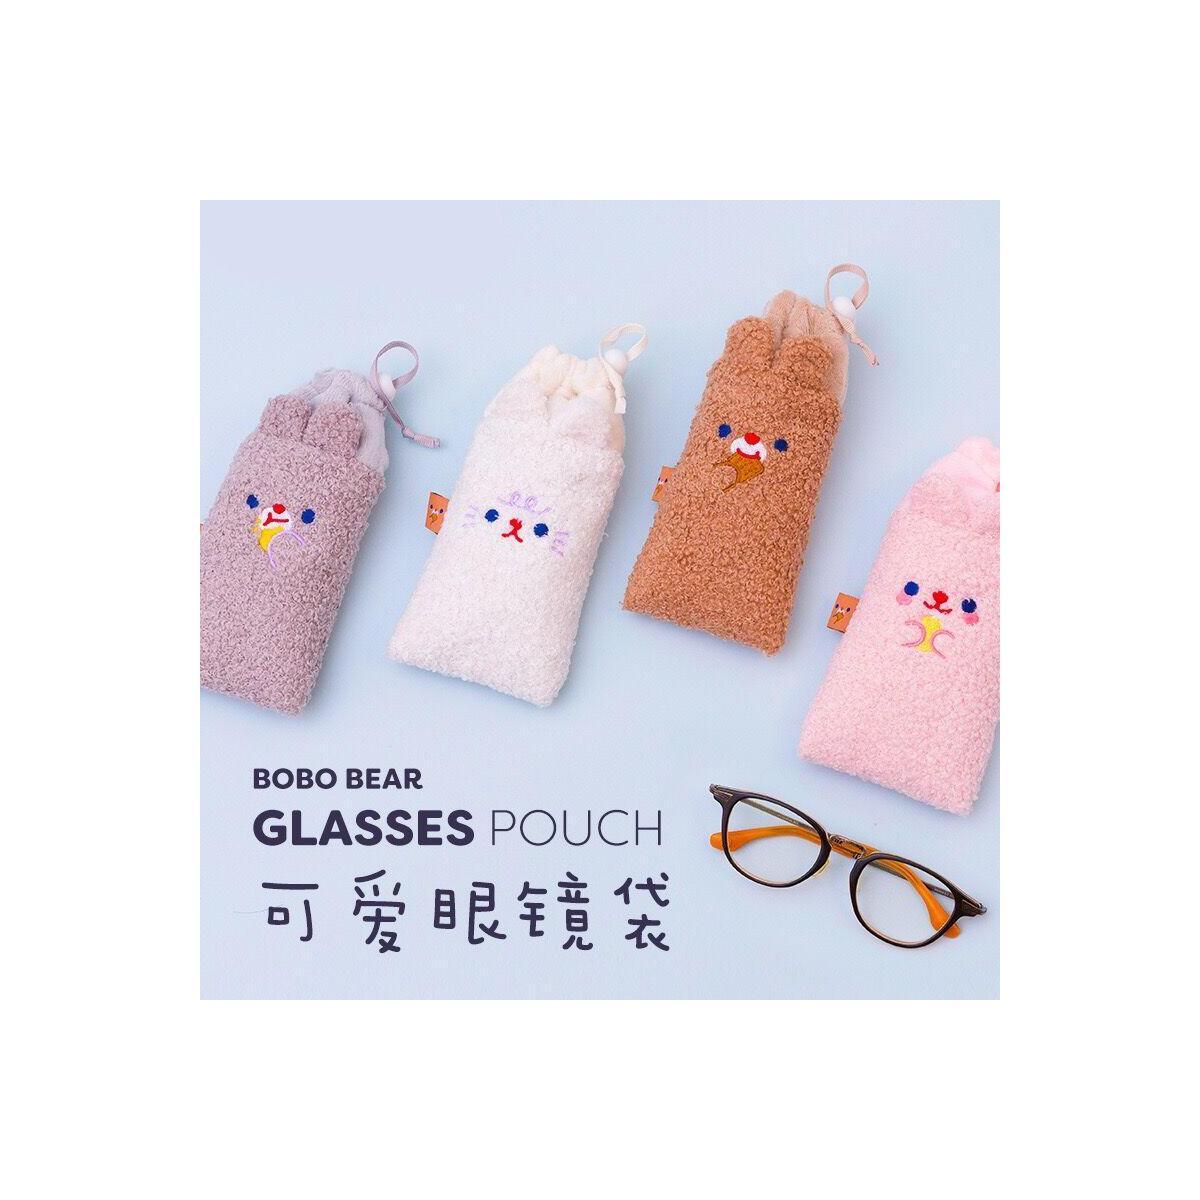 Cute Plush Bear Eye Glasses Travel Pouch, White